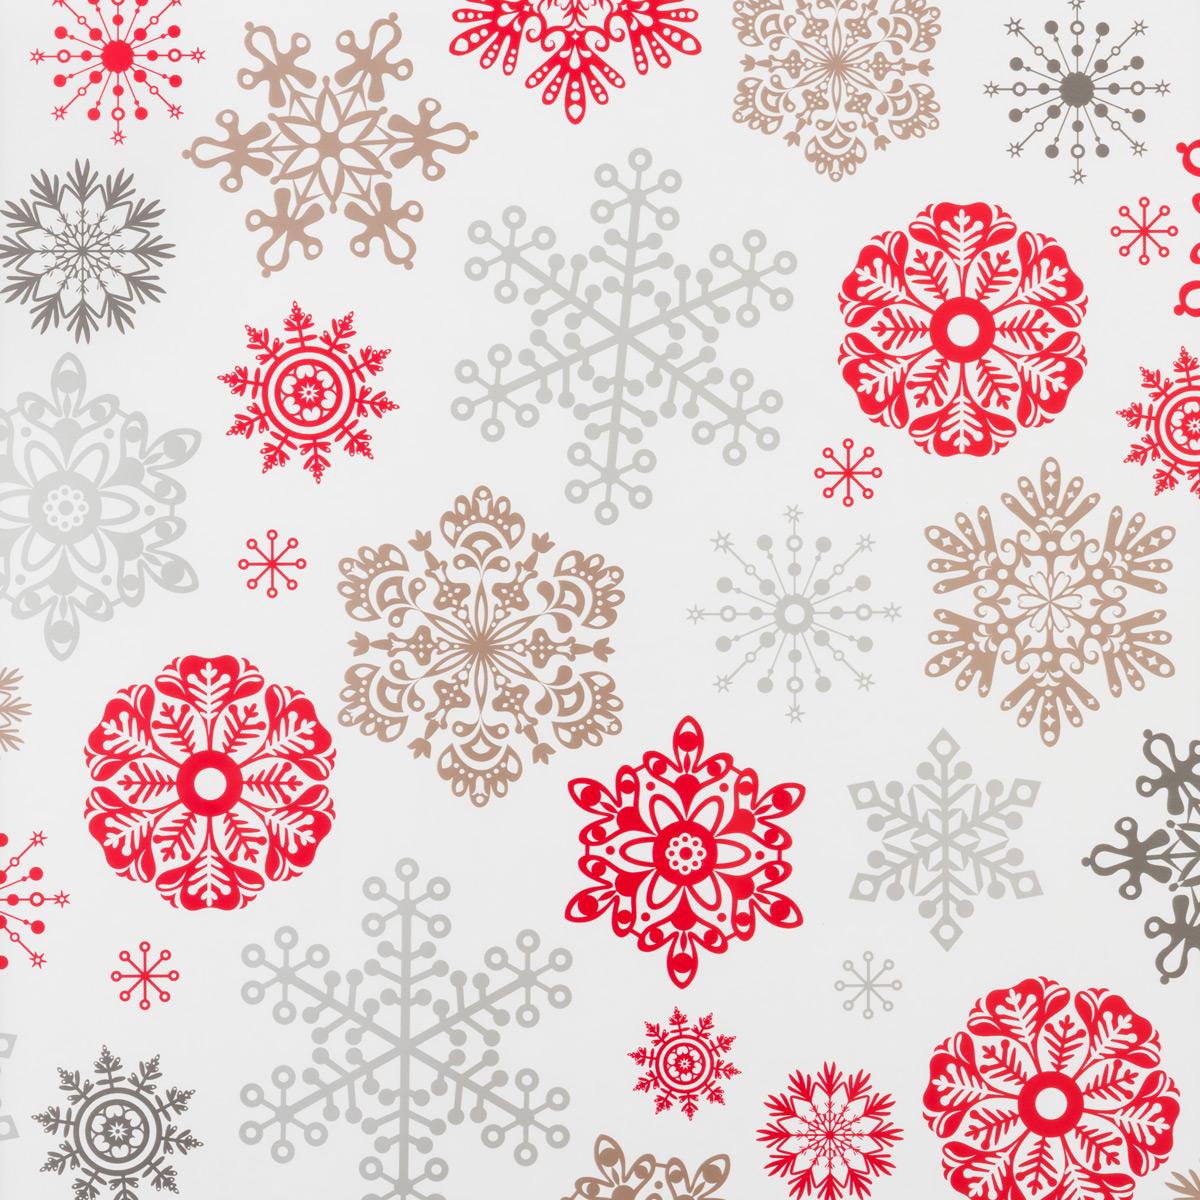 Snowflakes Wrap